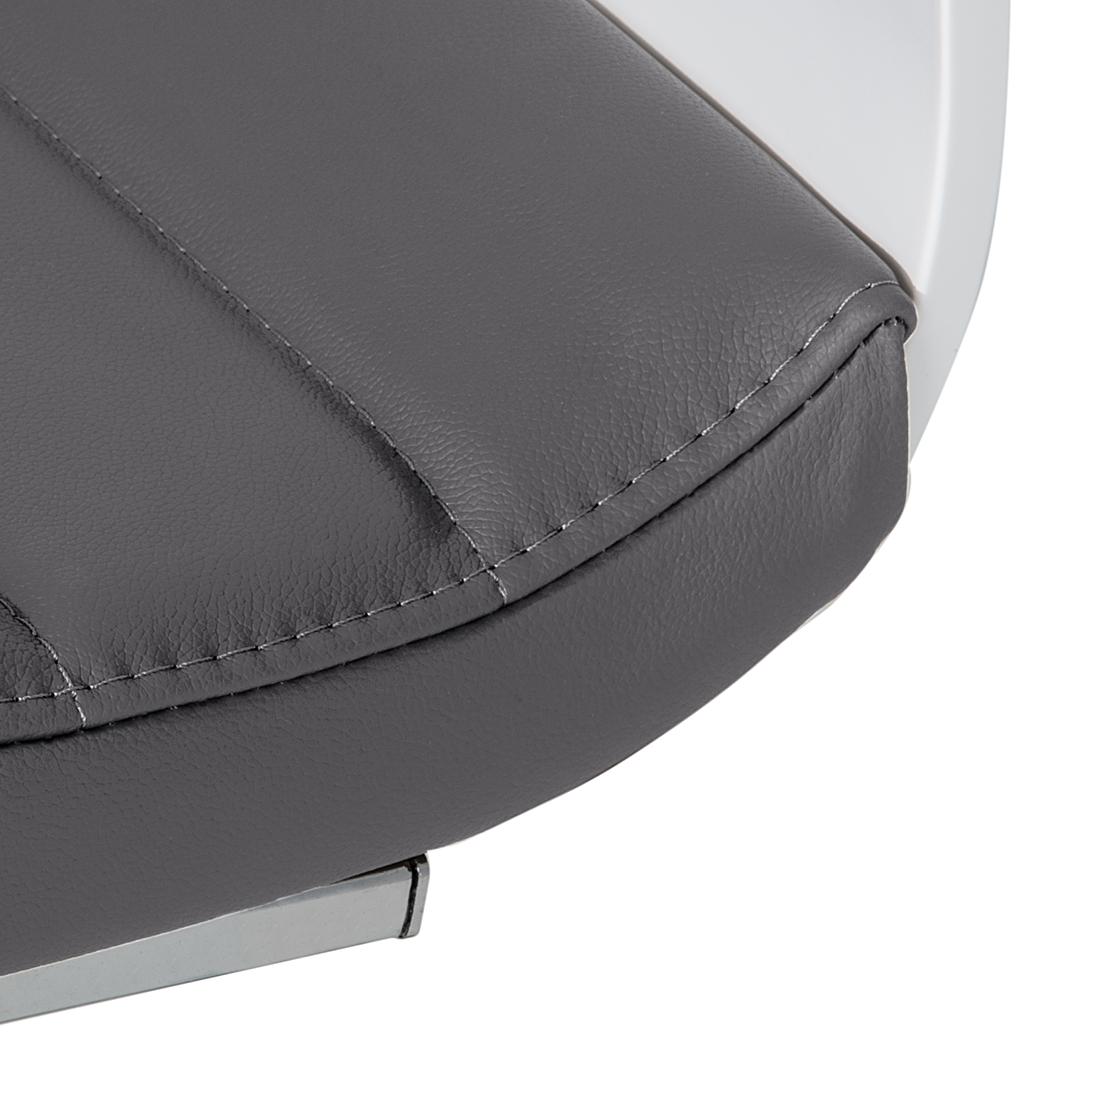 2er set freischwinger leder grau esszimmerstuhl essgruppe esszimmer st hle neu ebay. Black Bedroom Furniture Sets. Home Design Ideas